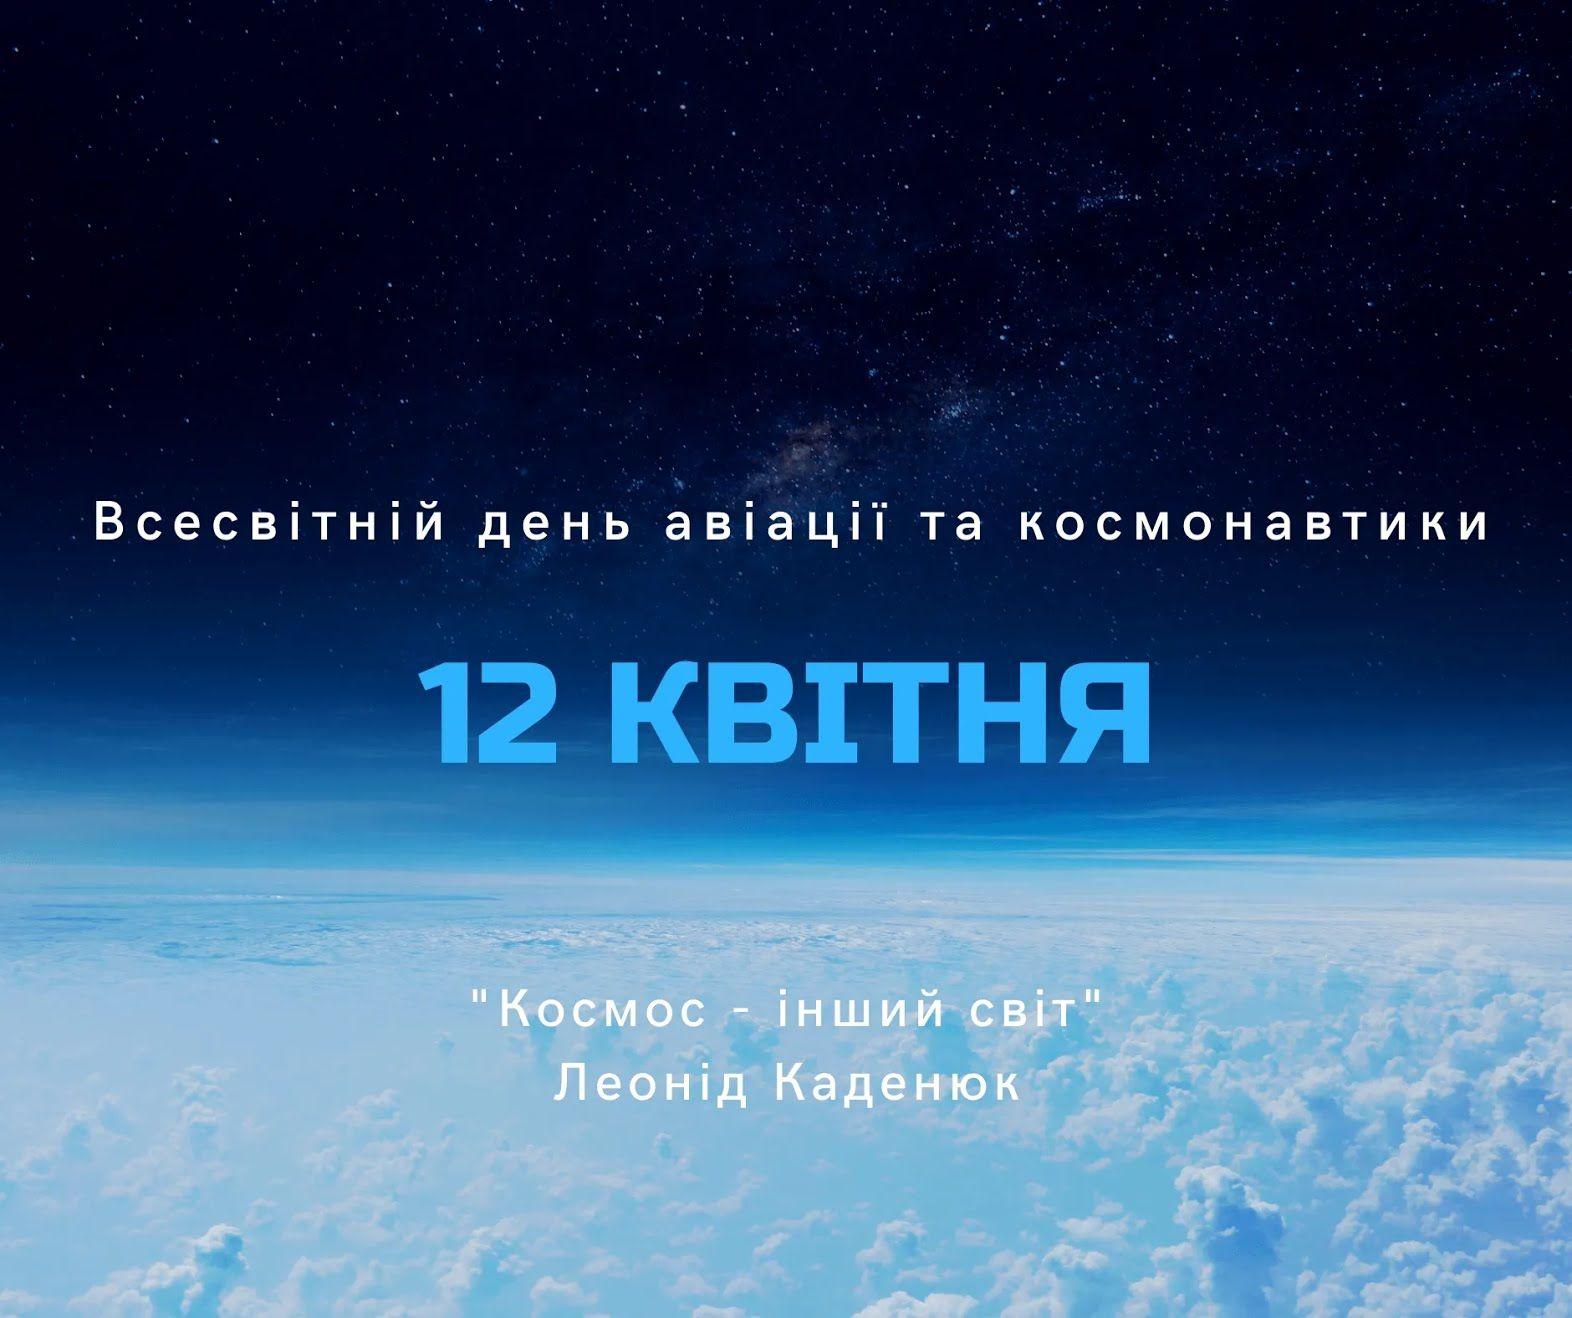 Листівка в День авіації та космонавтики